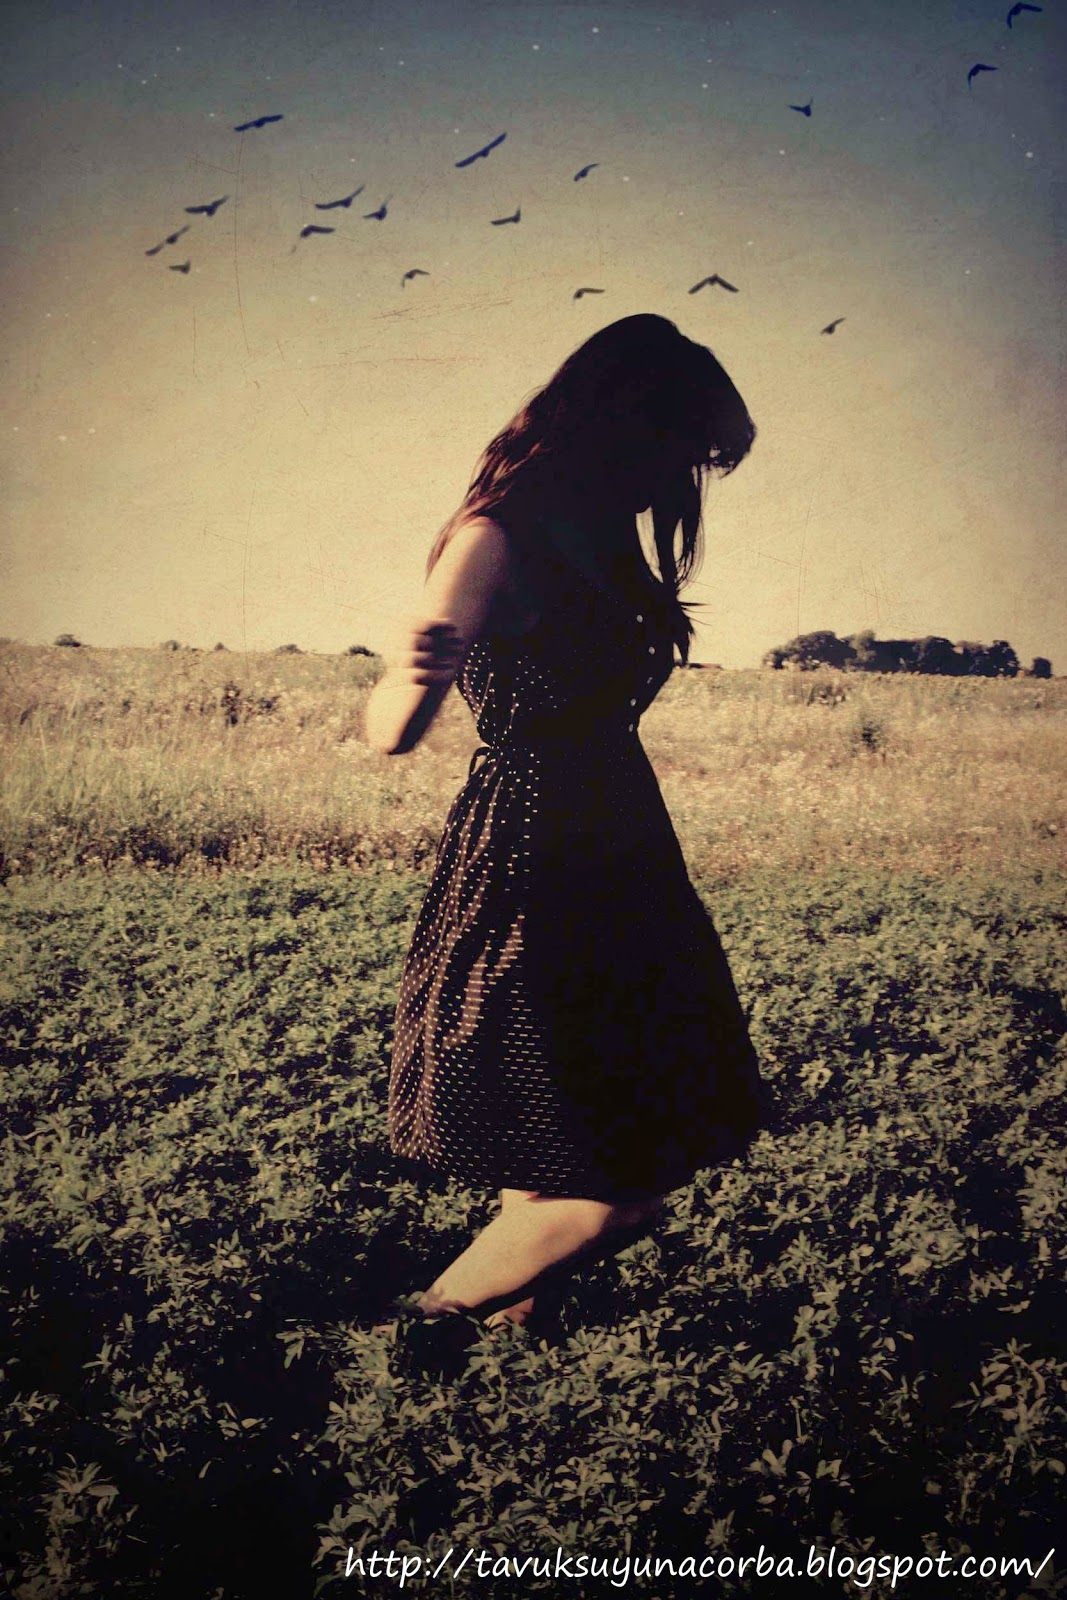 İsmail Sarıgene Özlediğim Kadar Sensin, Sevdiğim Kadar Bensin Hikayesi